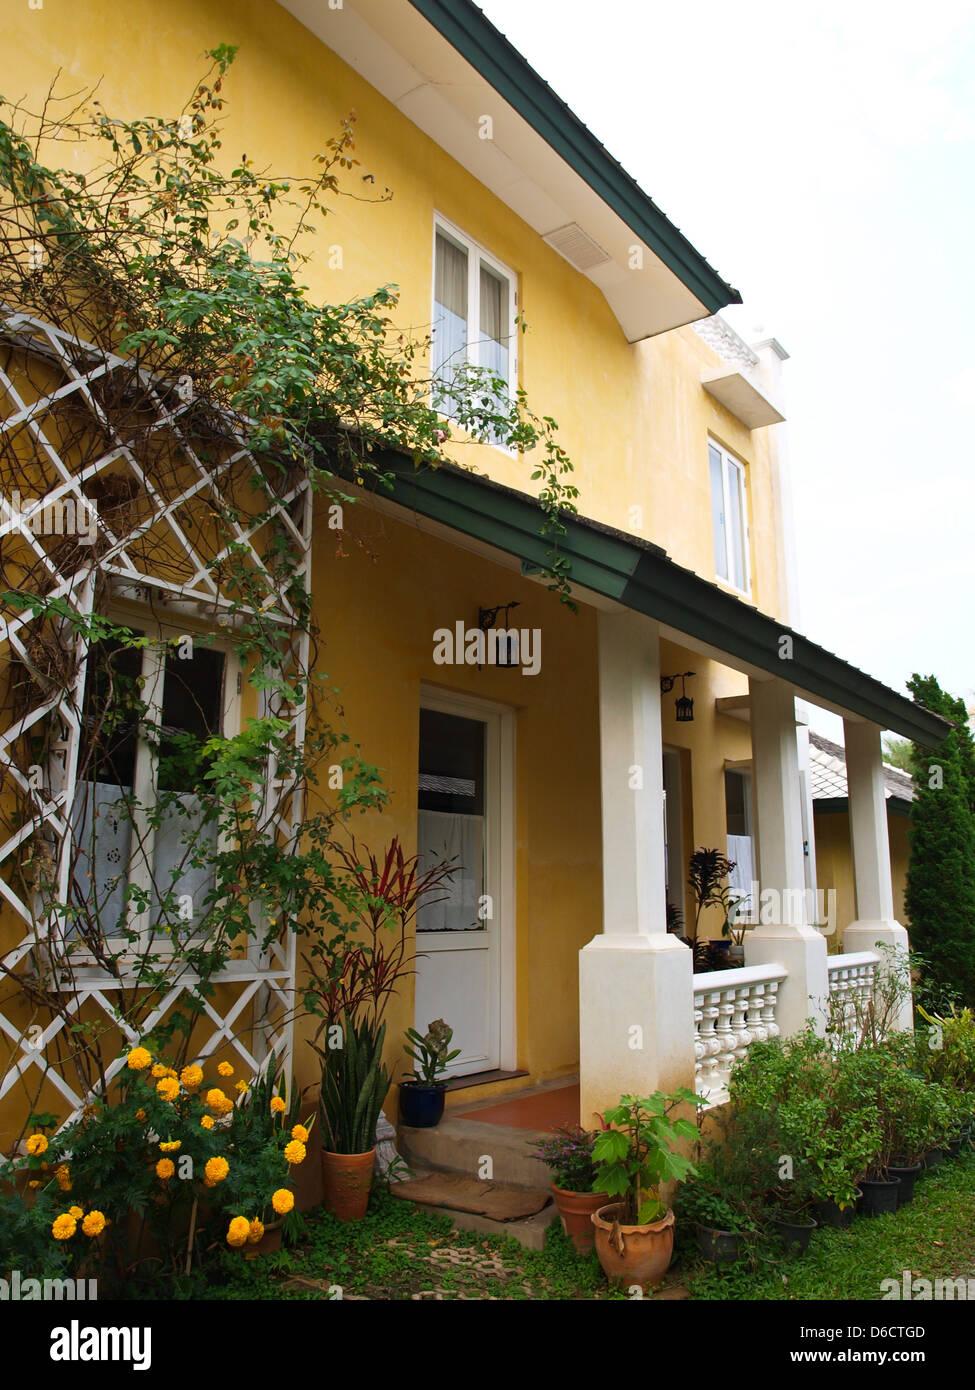 Fabelhaft Haus Mit Veranda Beste Wahl Zweistöckiges Gelbes Und Garten In Der Natur